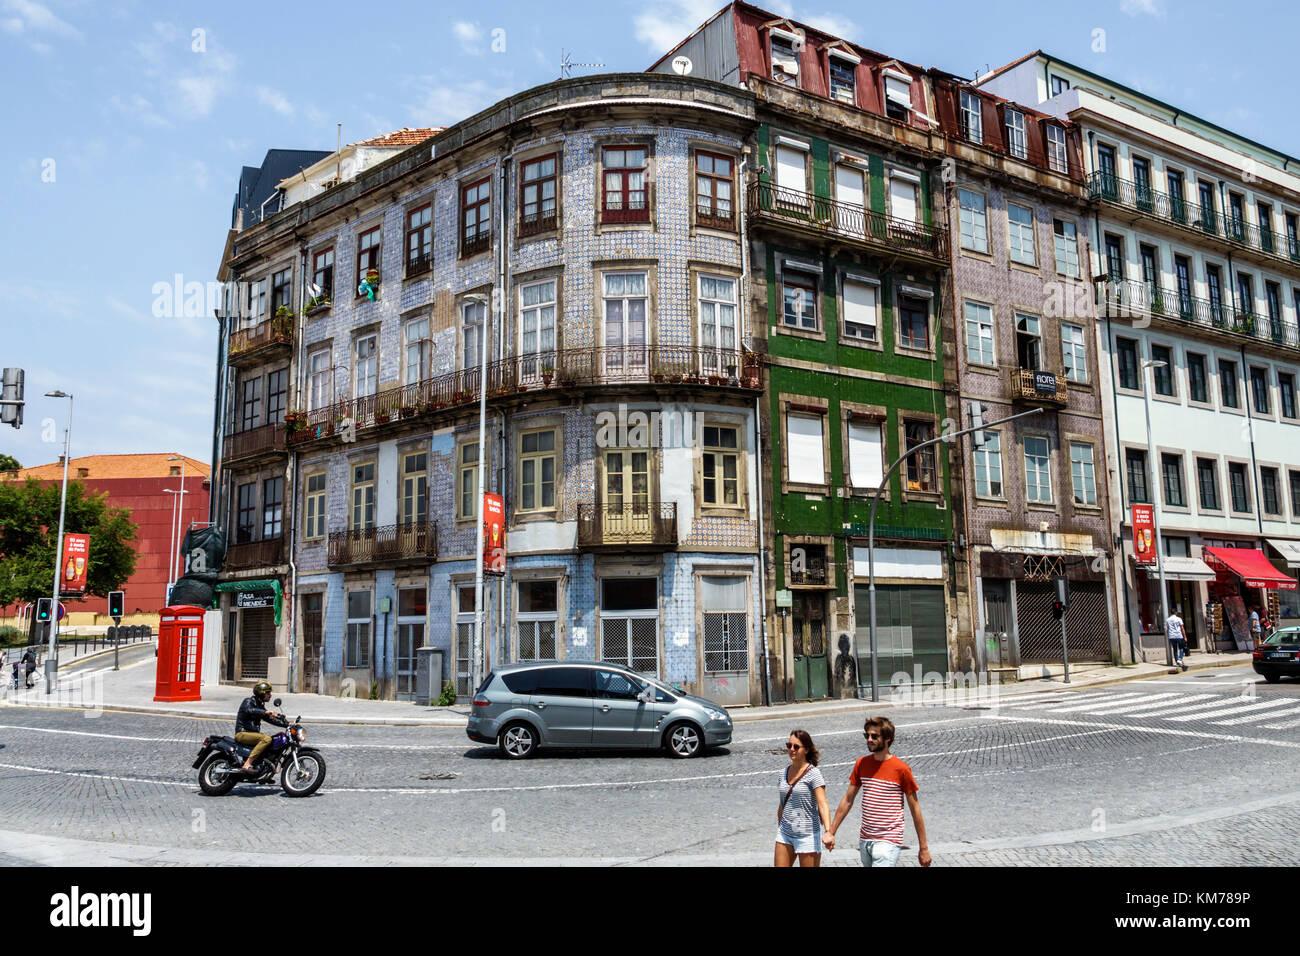 Porto Portugal historic center Calcada de Vandoma residential apartment building intersection car motorcycle pedestrian - Stock Image